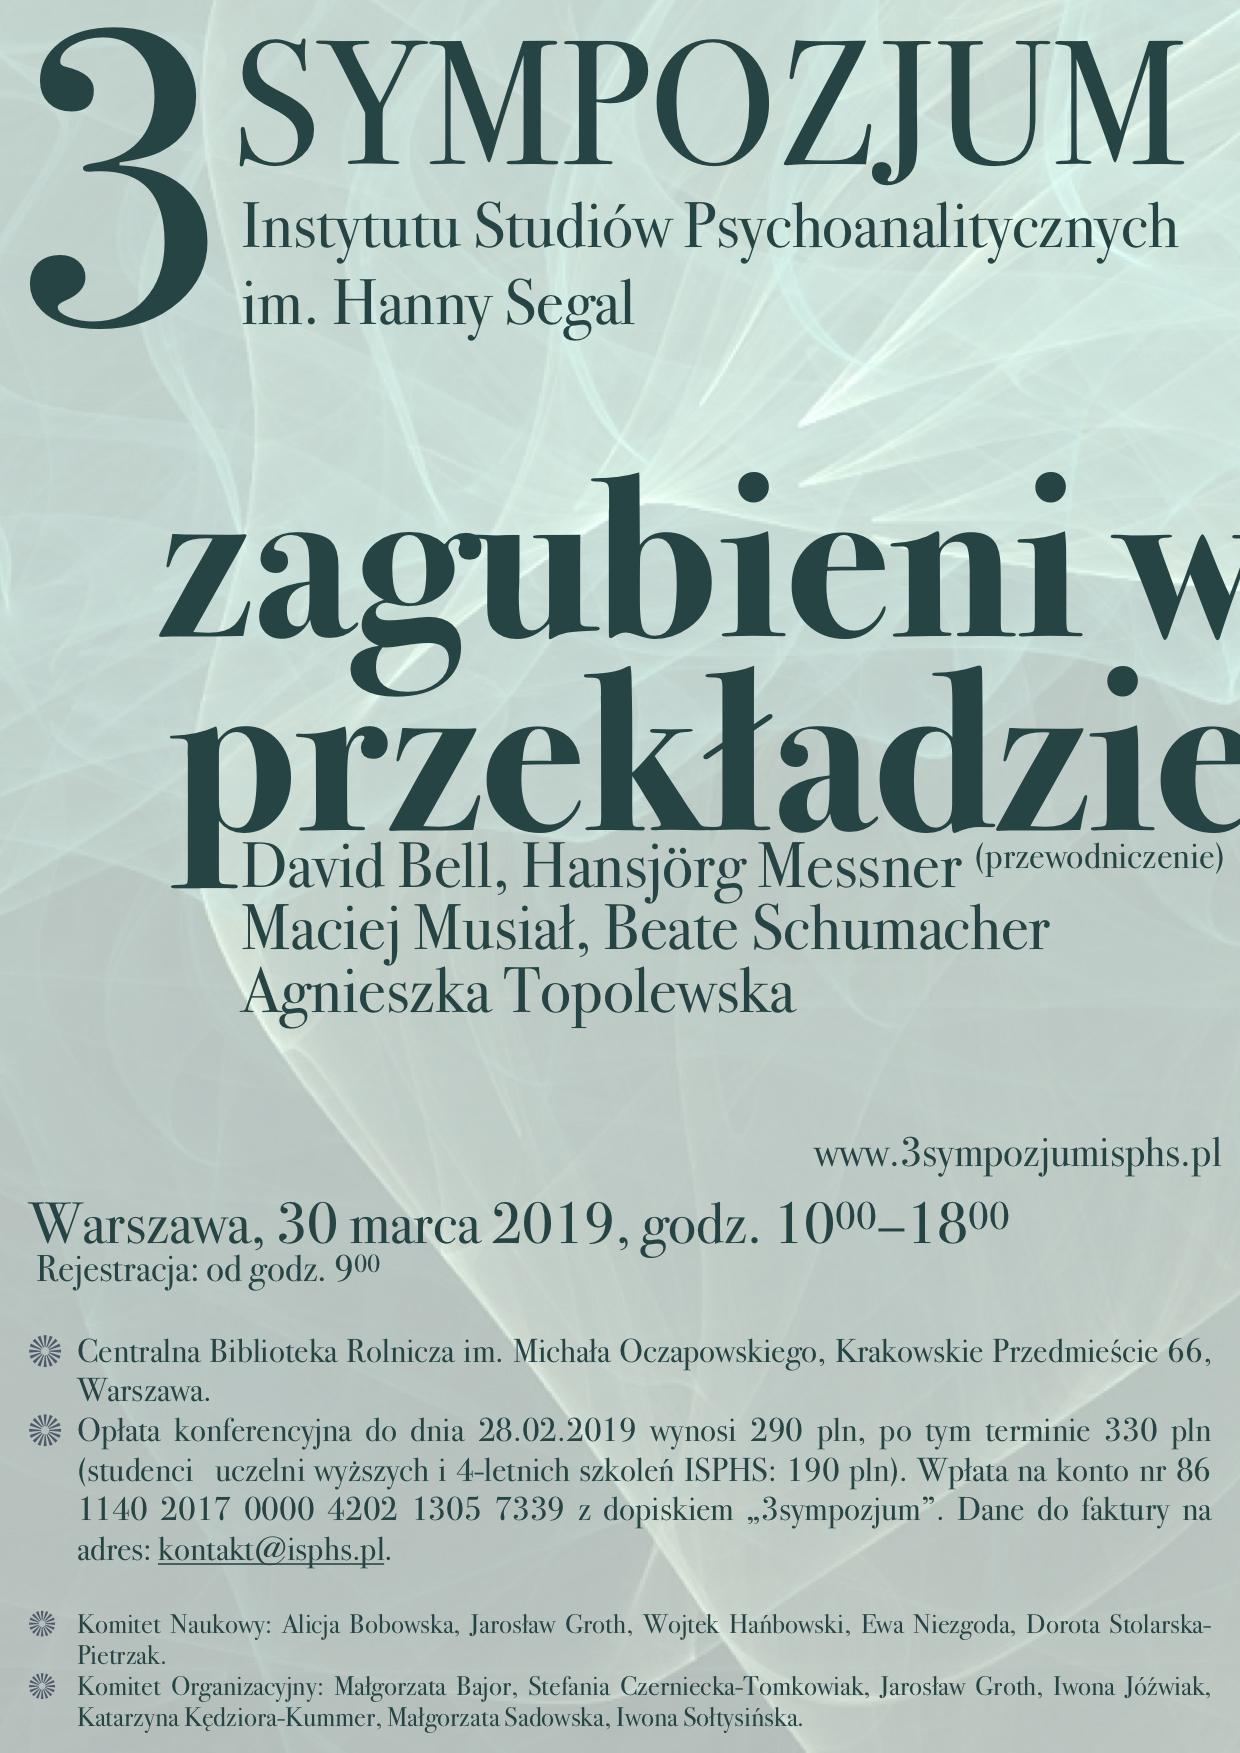 III Sympozjum Instytutu Studiów Psychoanalitycznych im. Hanny Segal ZAGUBIENI W PRZEKŁADZIE